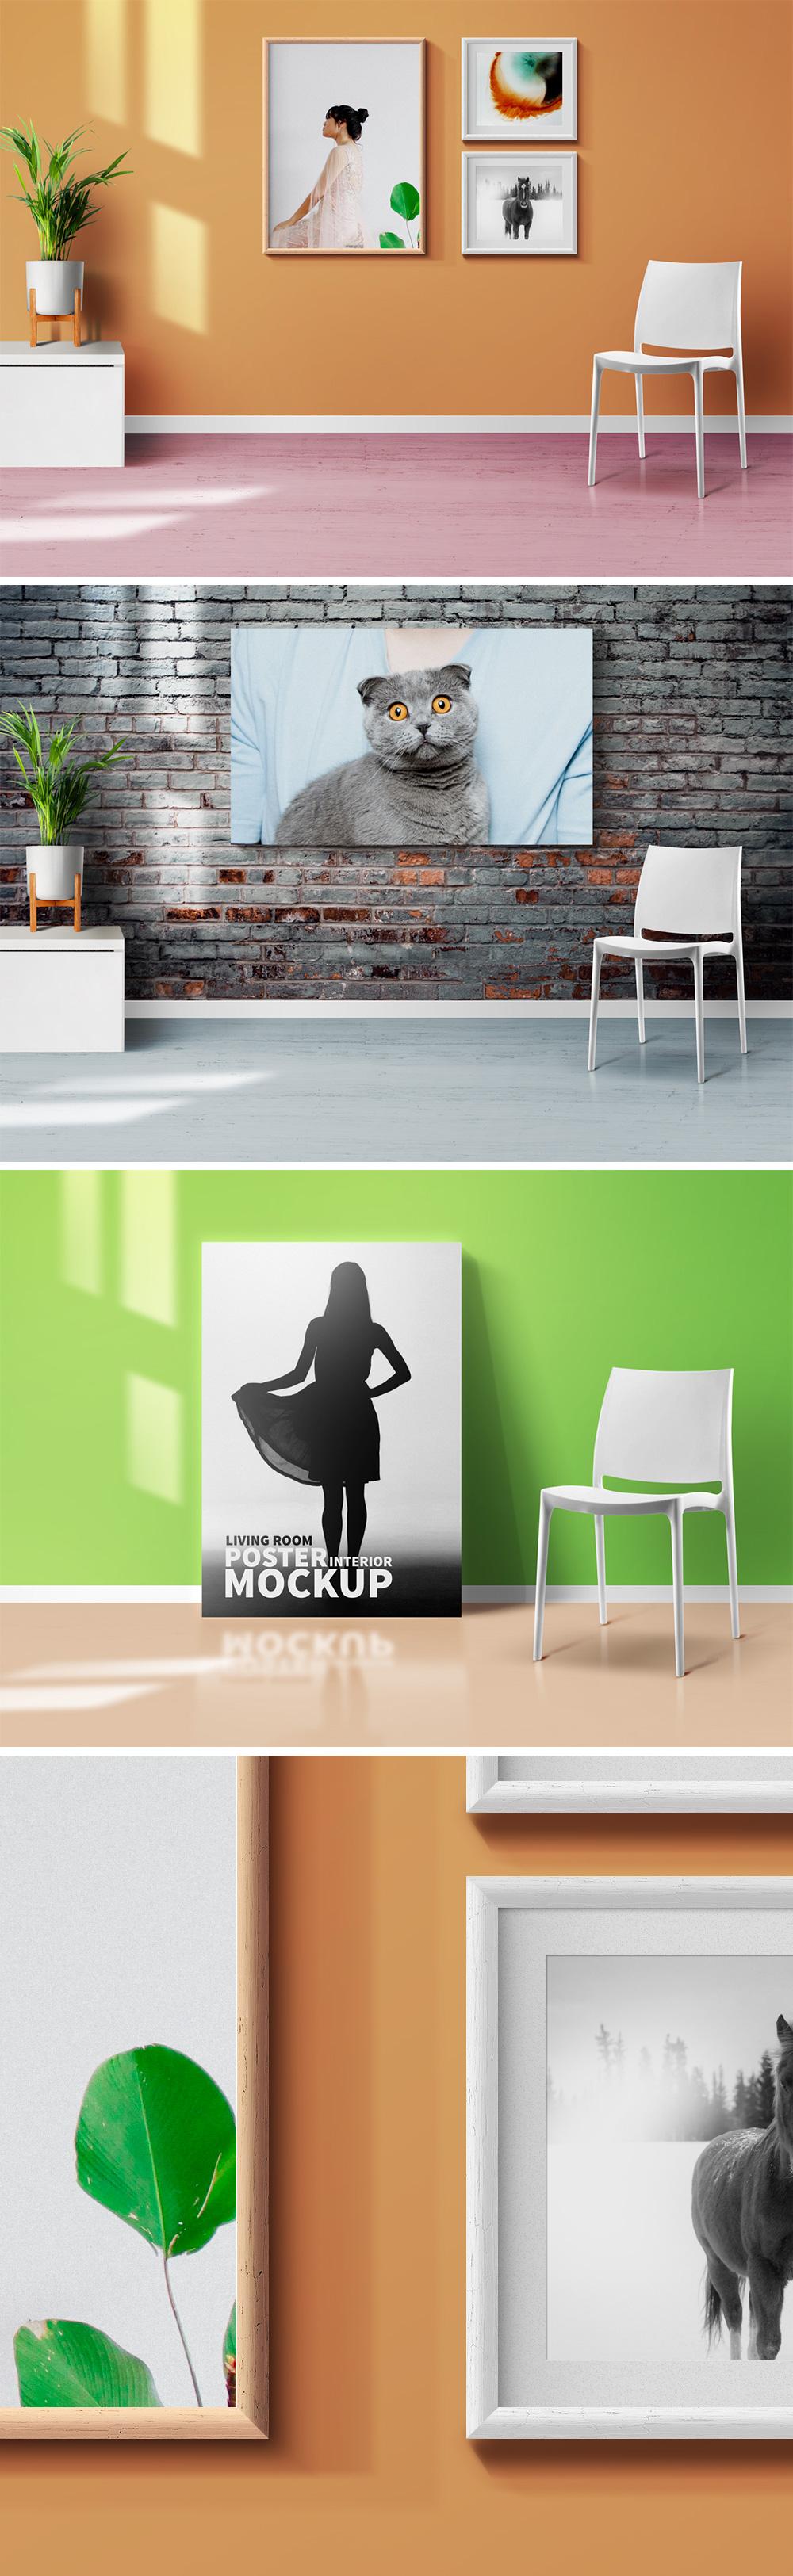 Living Room Frames & Poster Mockups